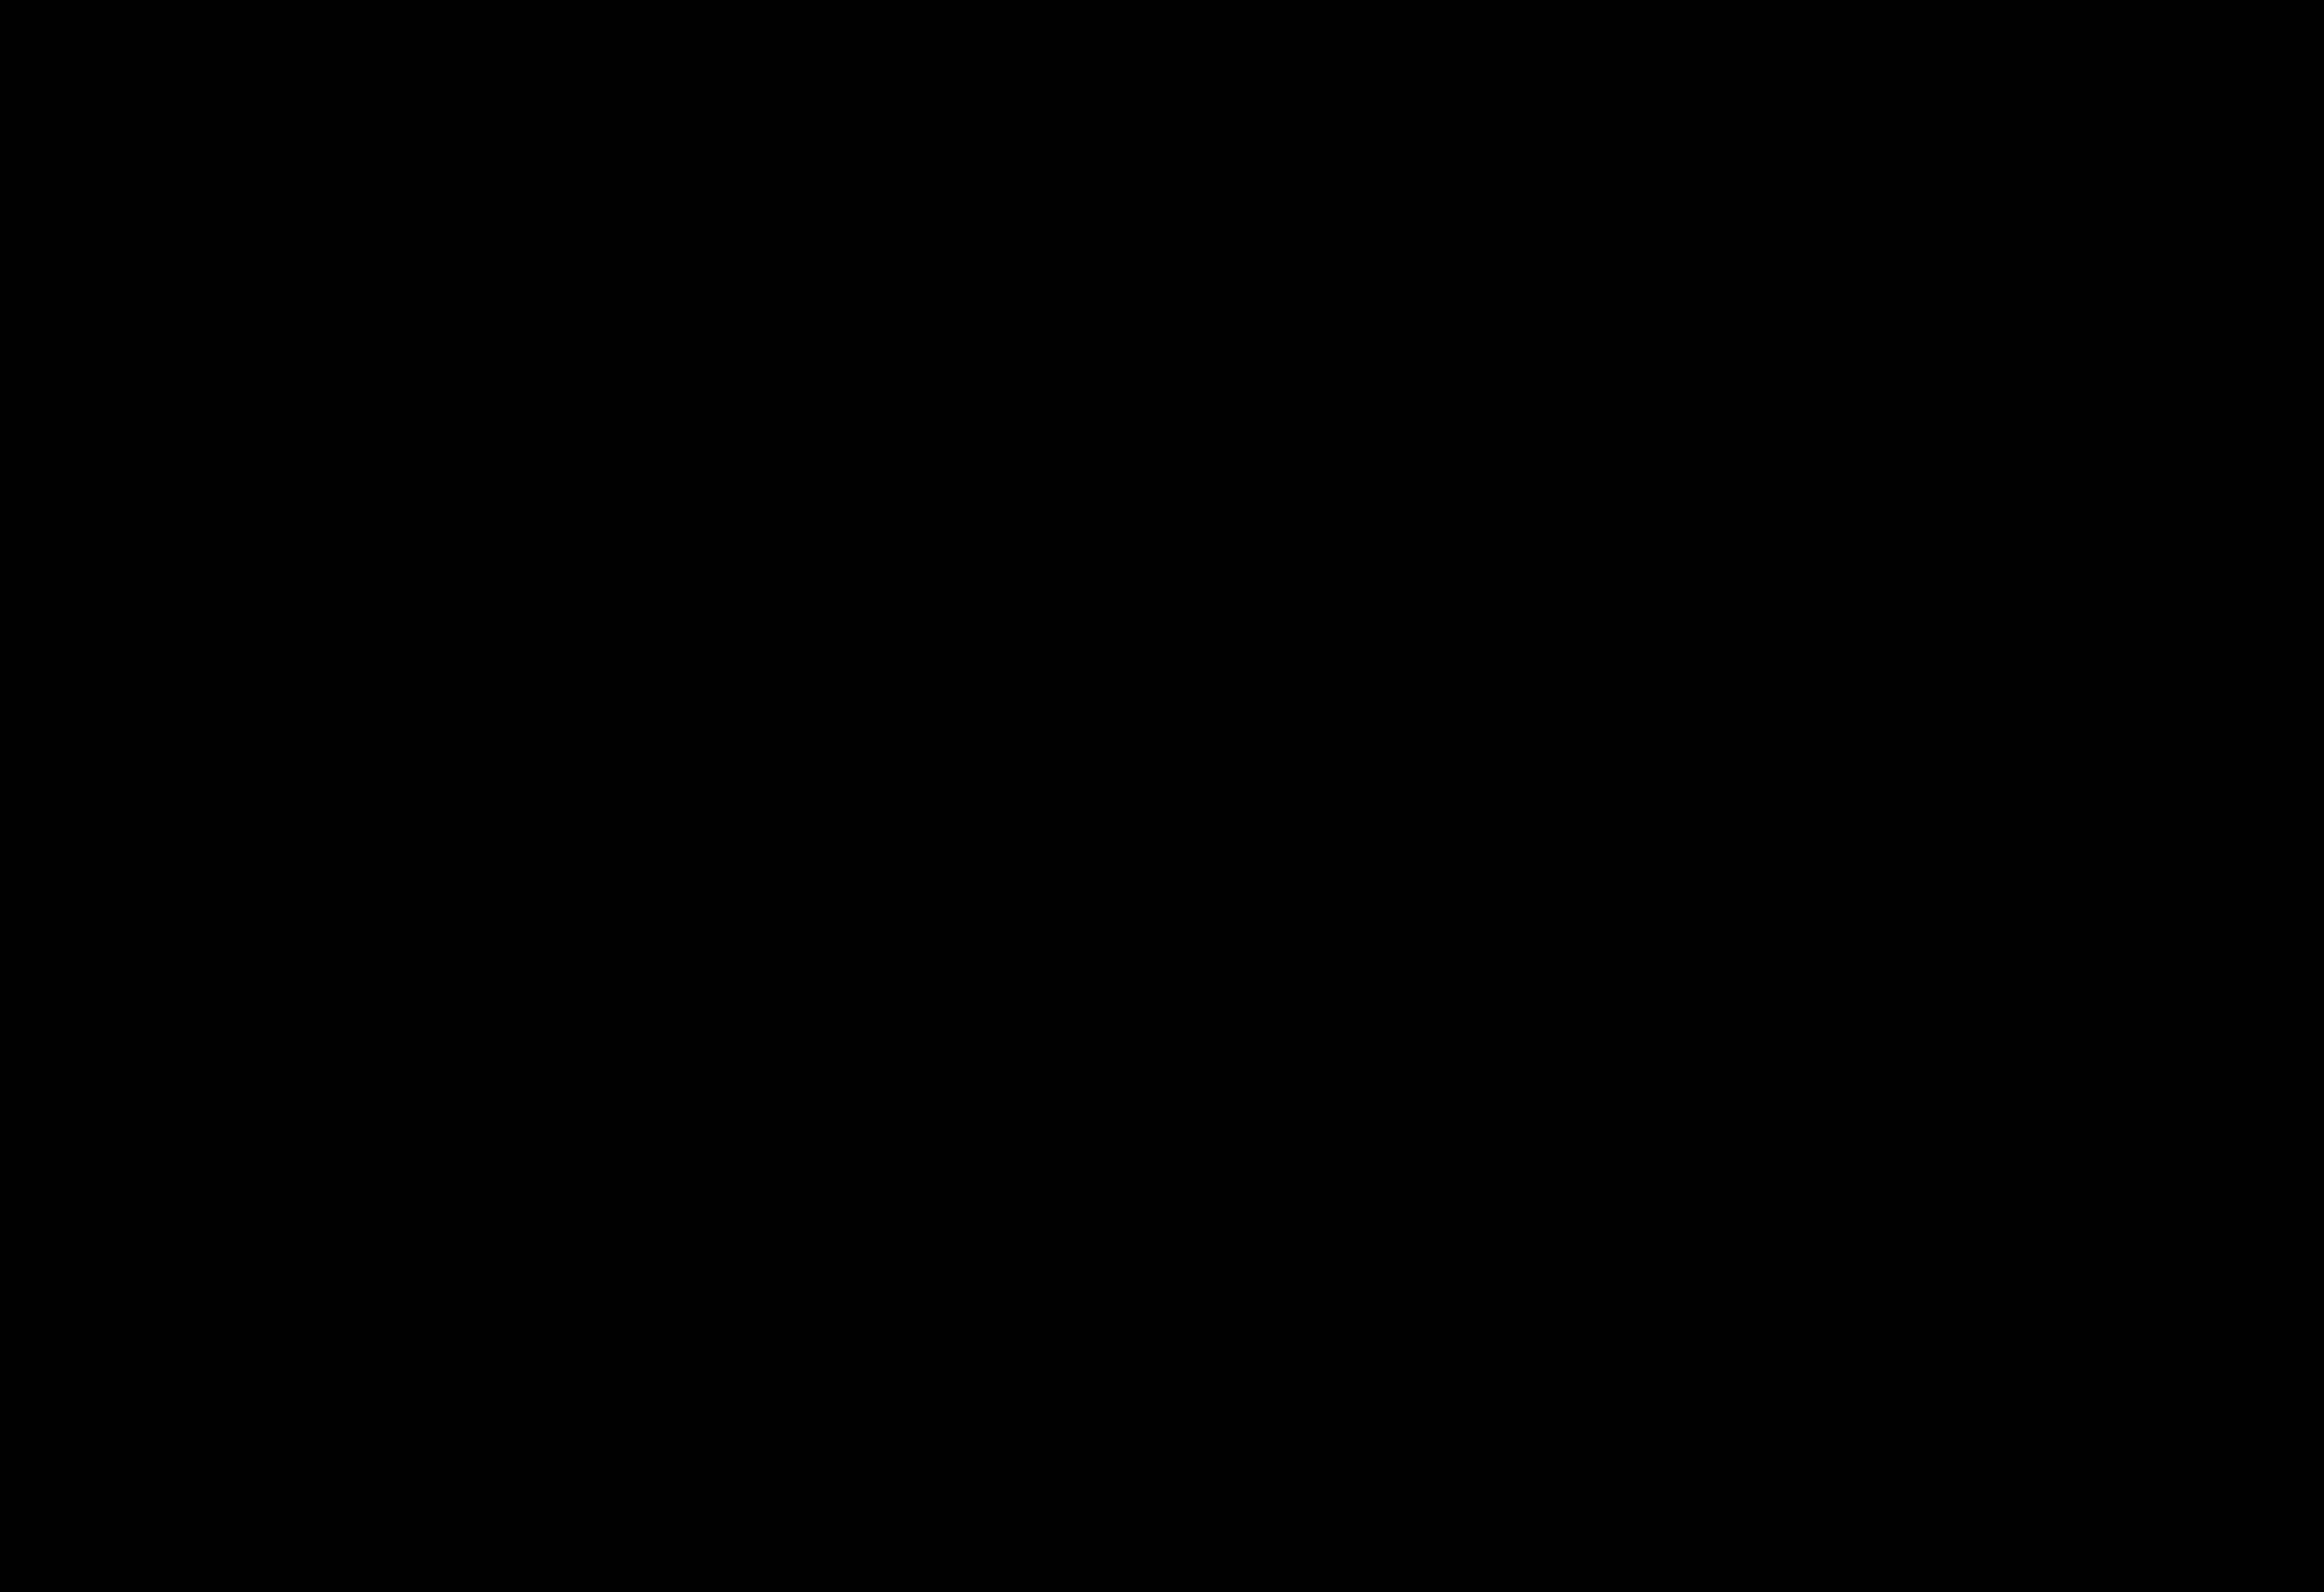 """2014获得年度中国家电行业""""普拉格""""奖;"""